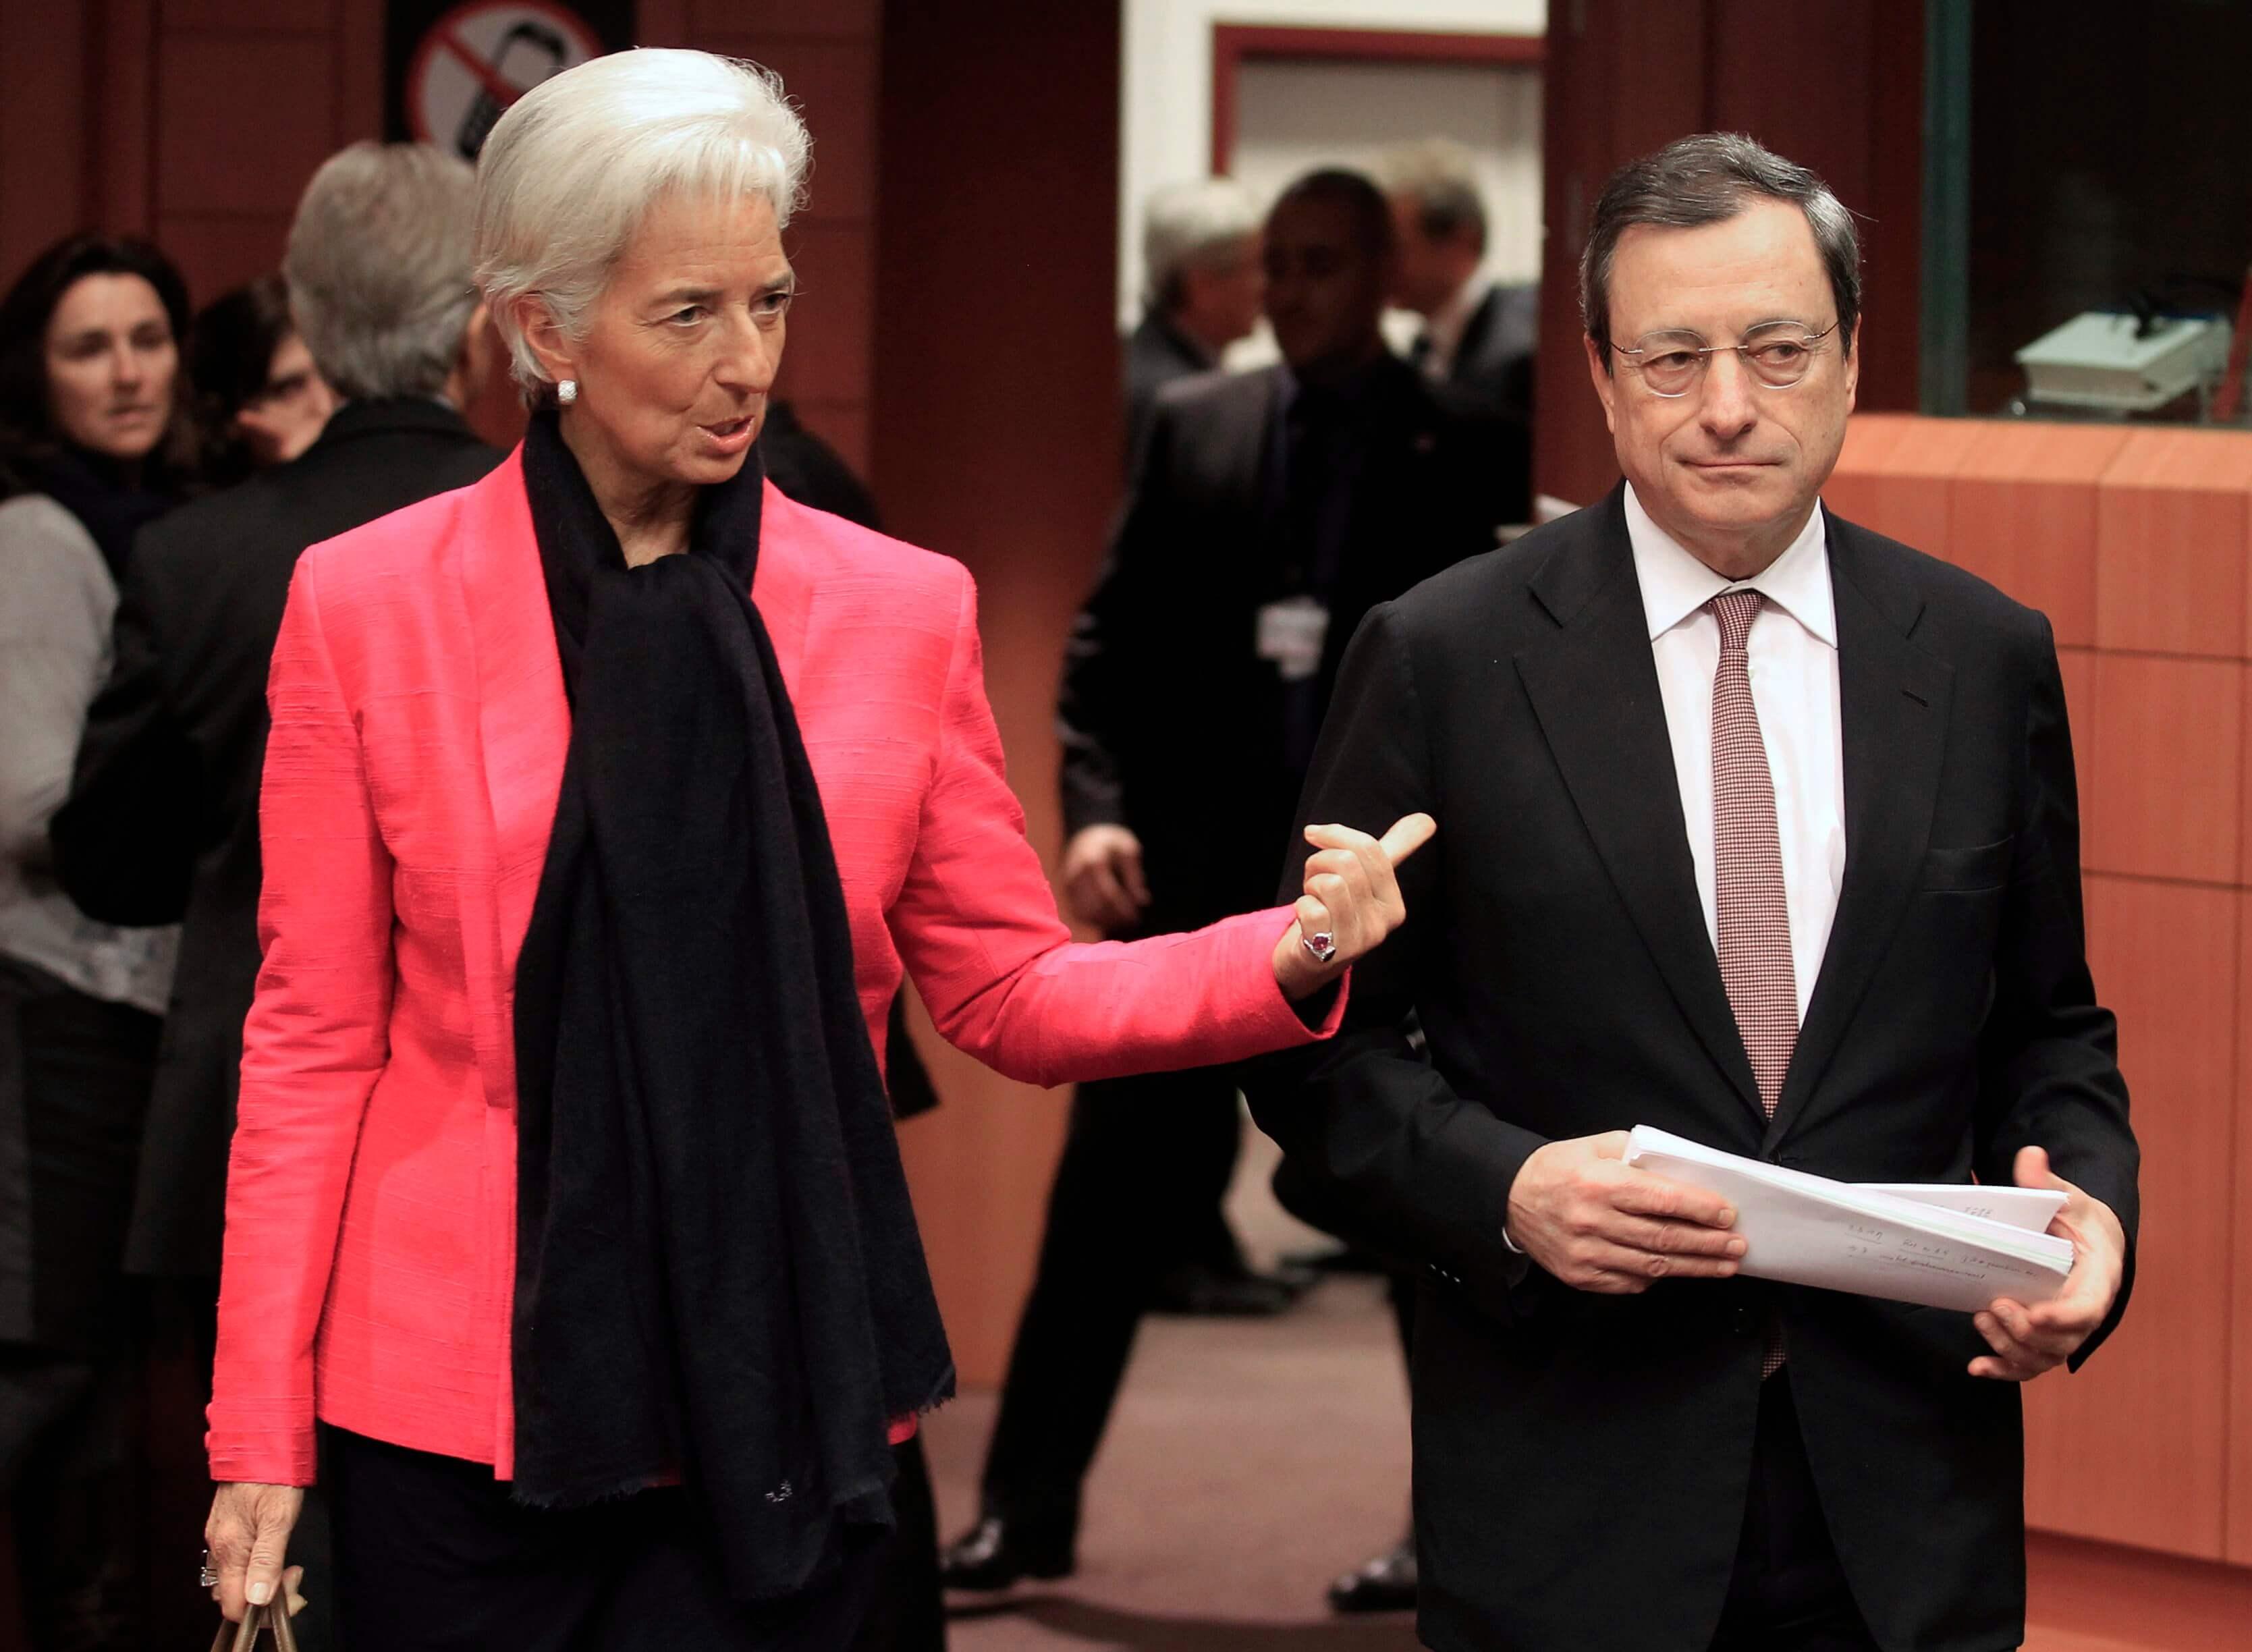 Οι τράπεζες ανάβουν φωτιές στις σχέσεις κυβέρνησης – δανειστών – Τα επικρατέστερα σενάρια